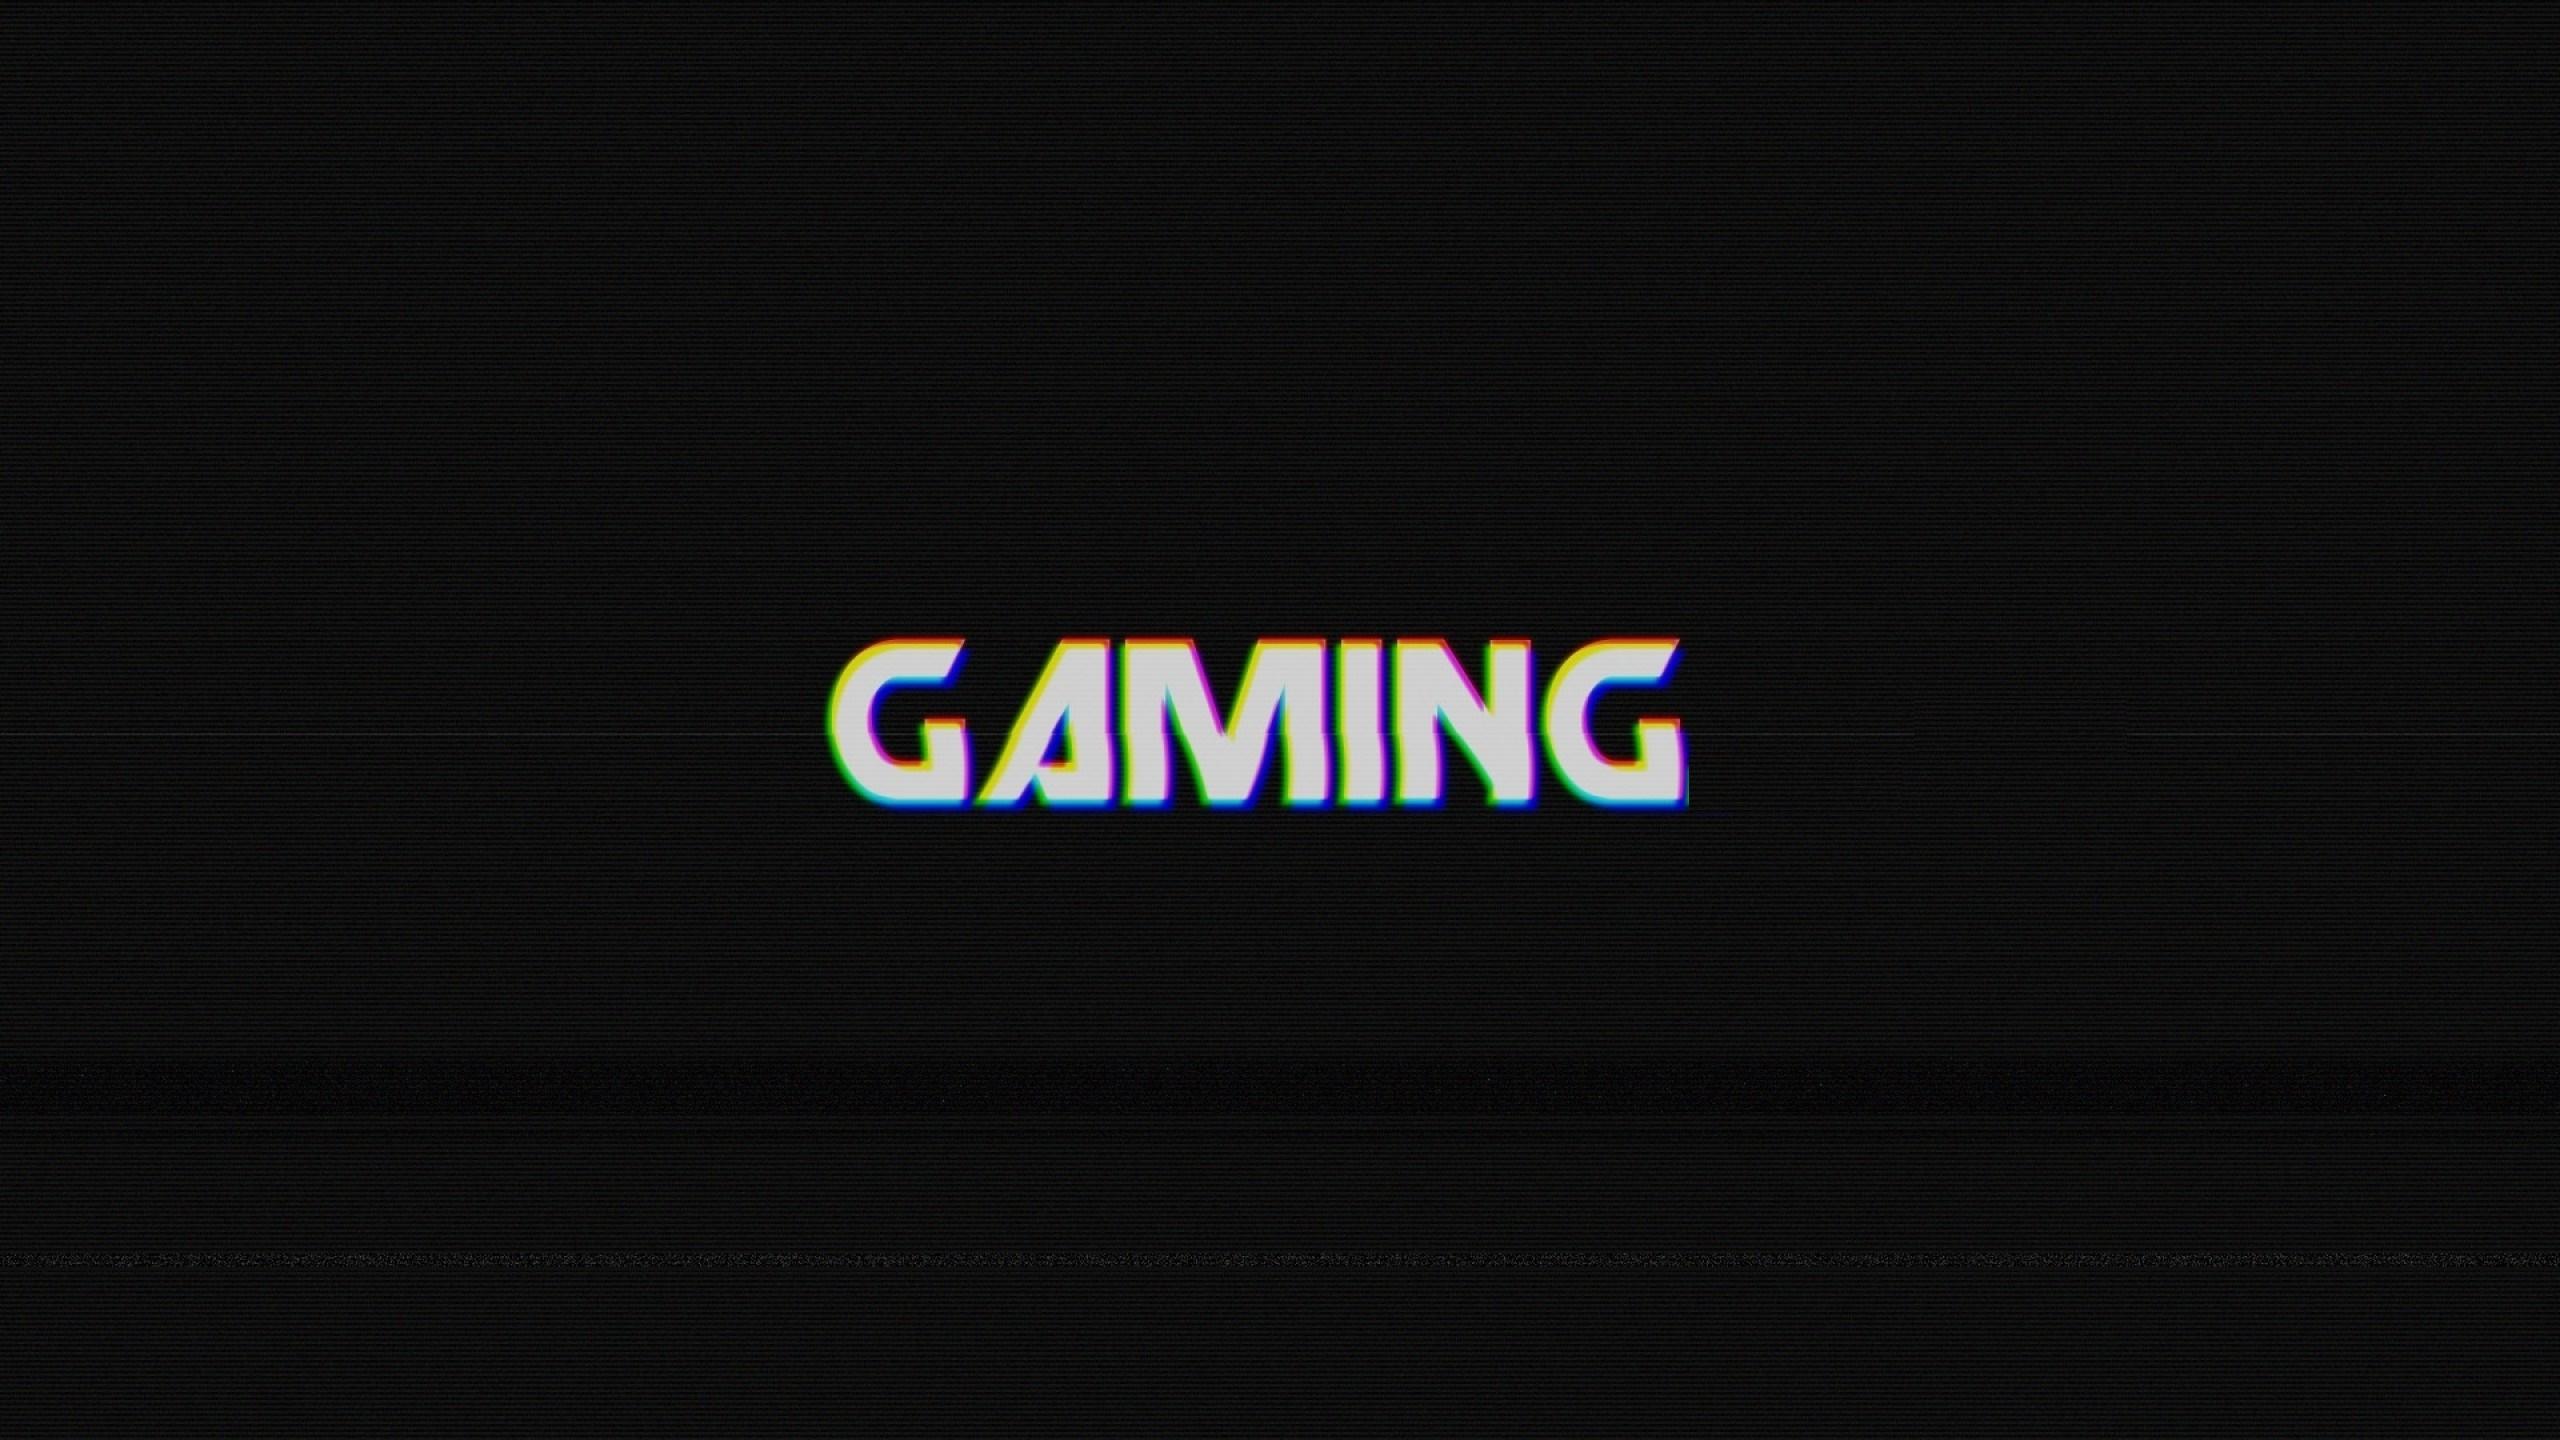 Gaming Logo Wallpapers 2560x1440